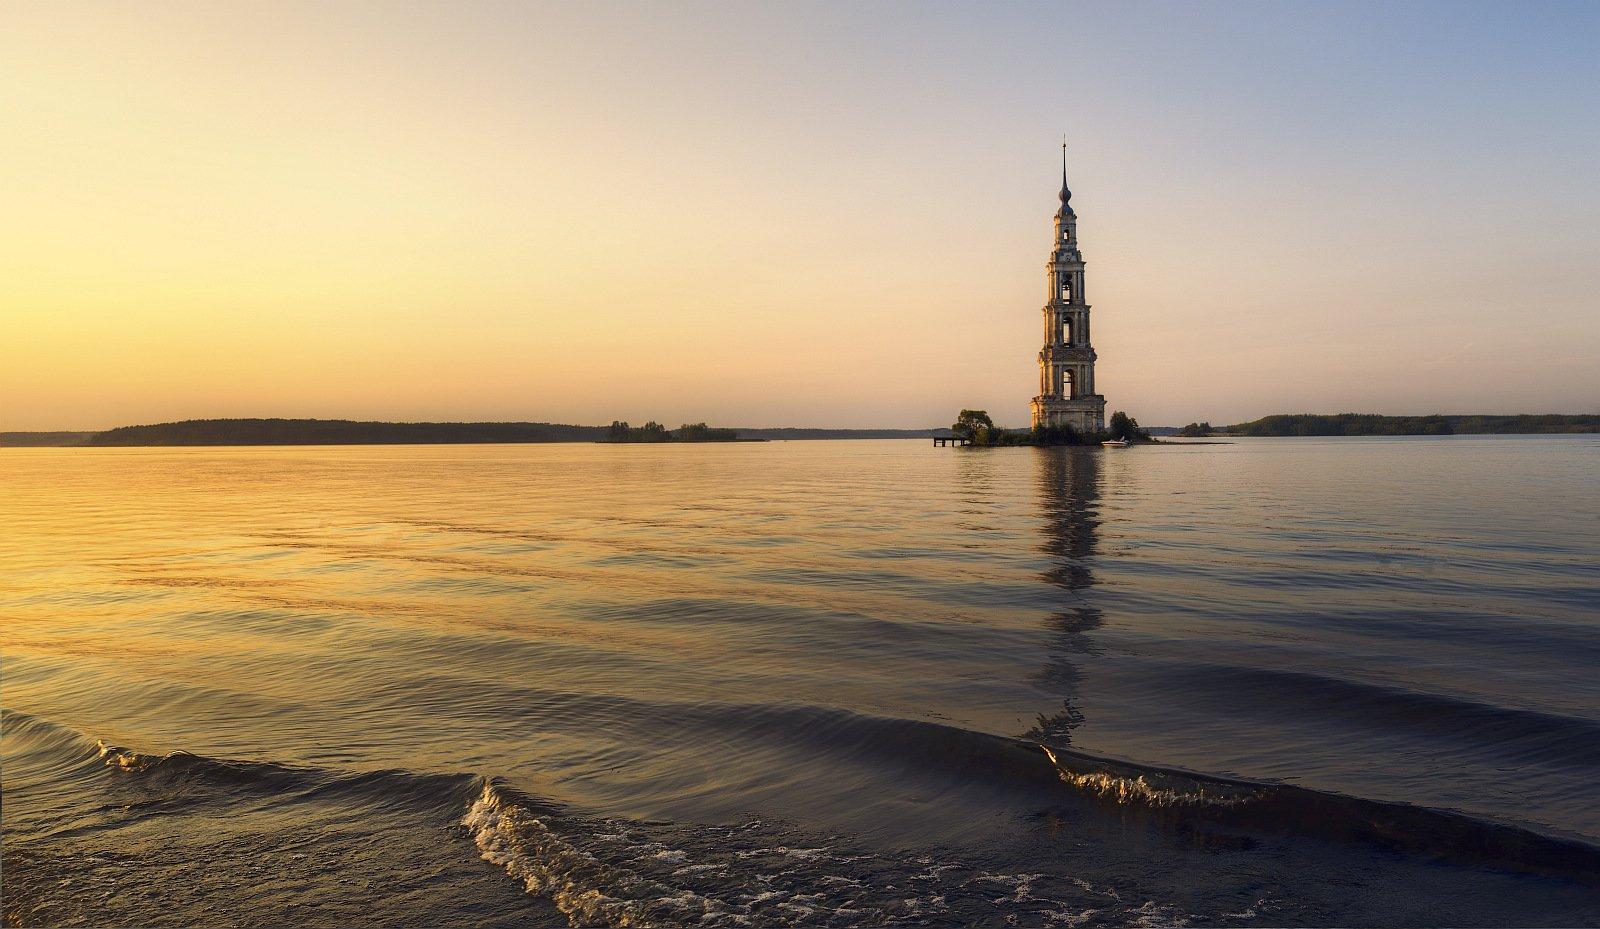 Пейзаж, закат, вода, колокольня, церковь,вечер, природа, архитектура, Ефимов Александр